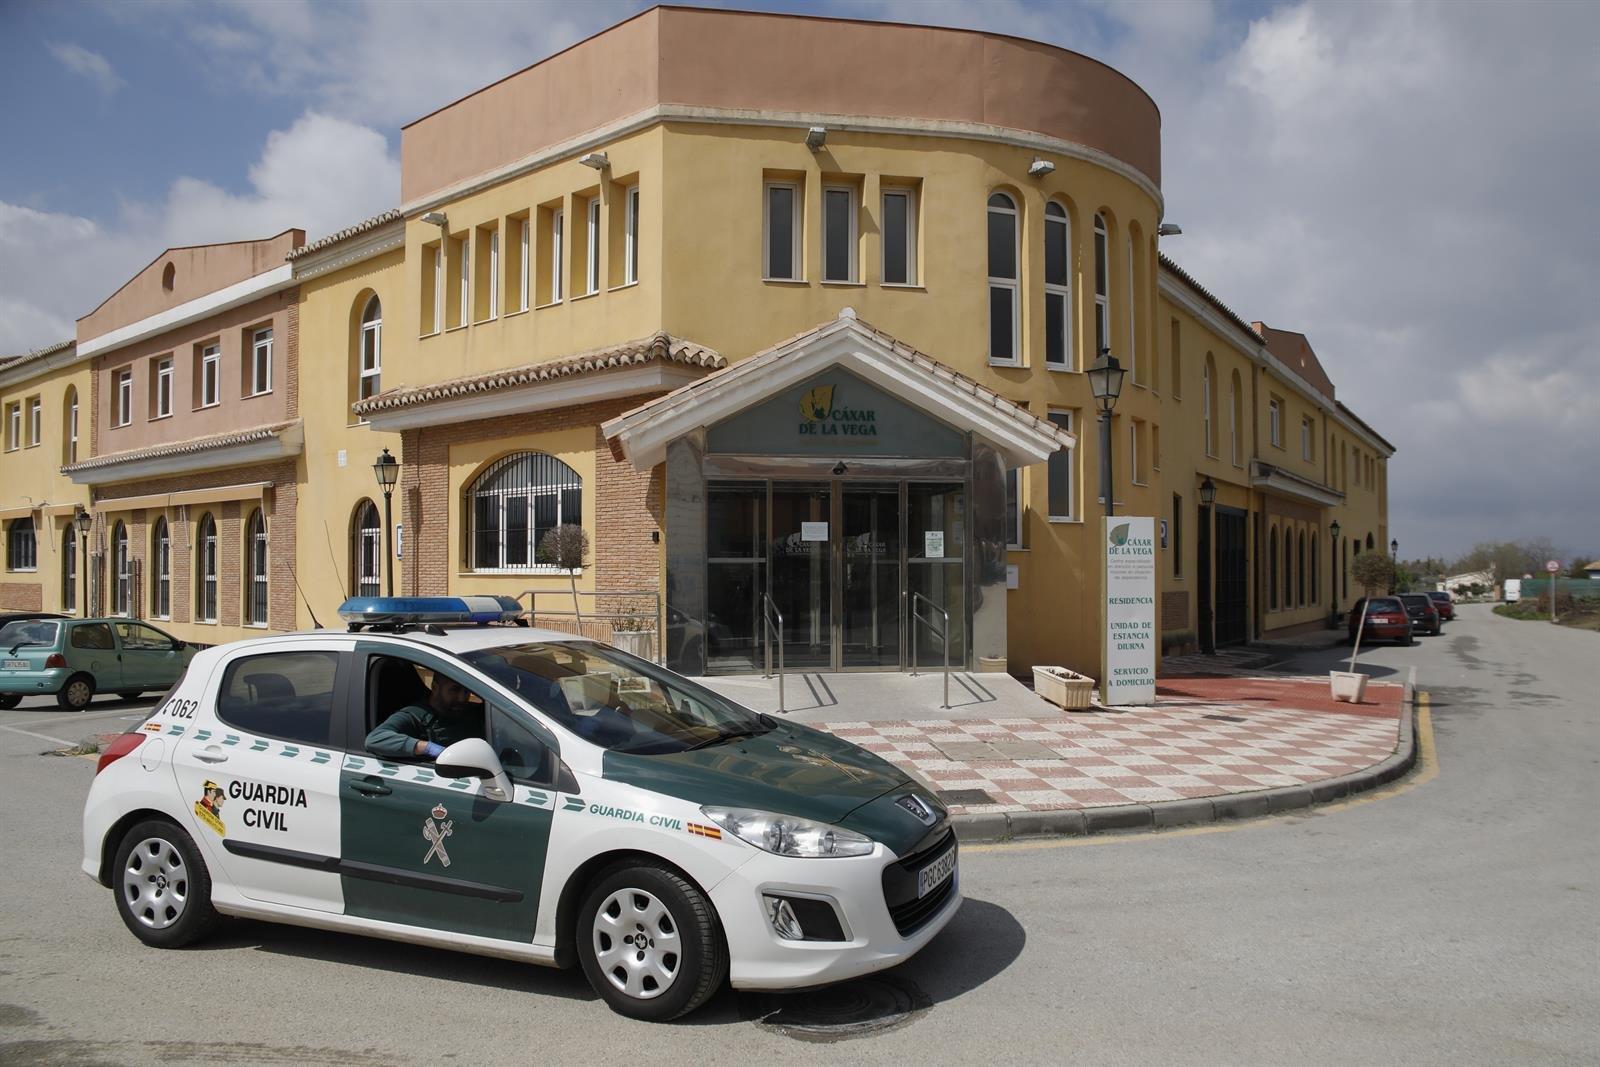 La UME desinfecta la residencia de ancianos de Cájar afectada por el brote de coronavirus